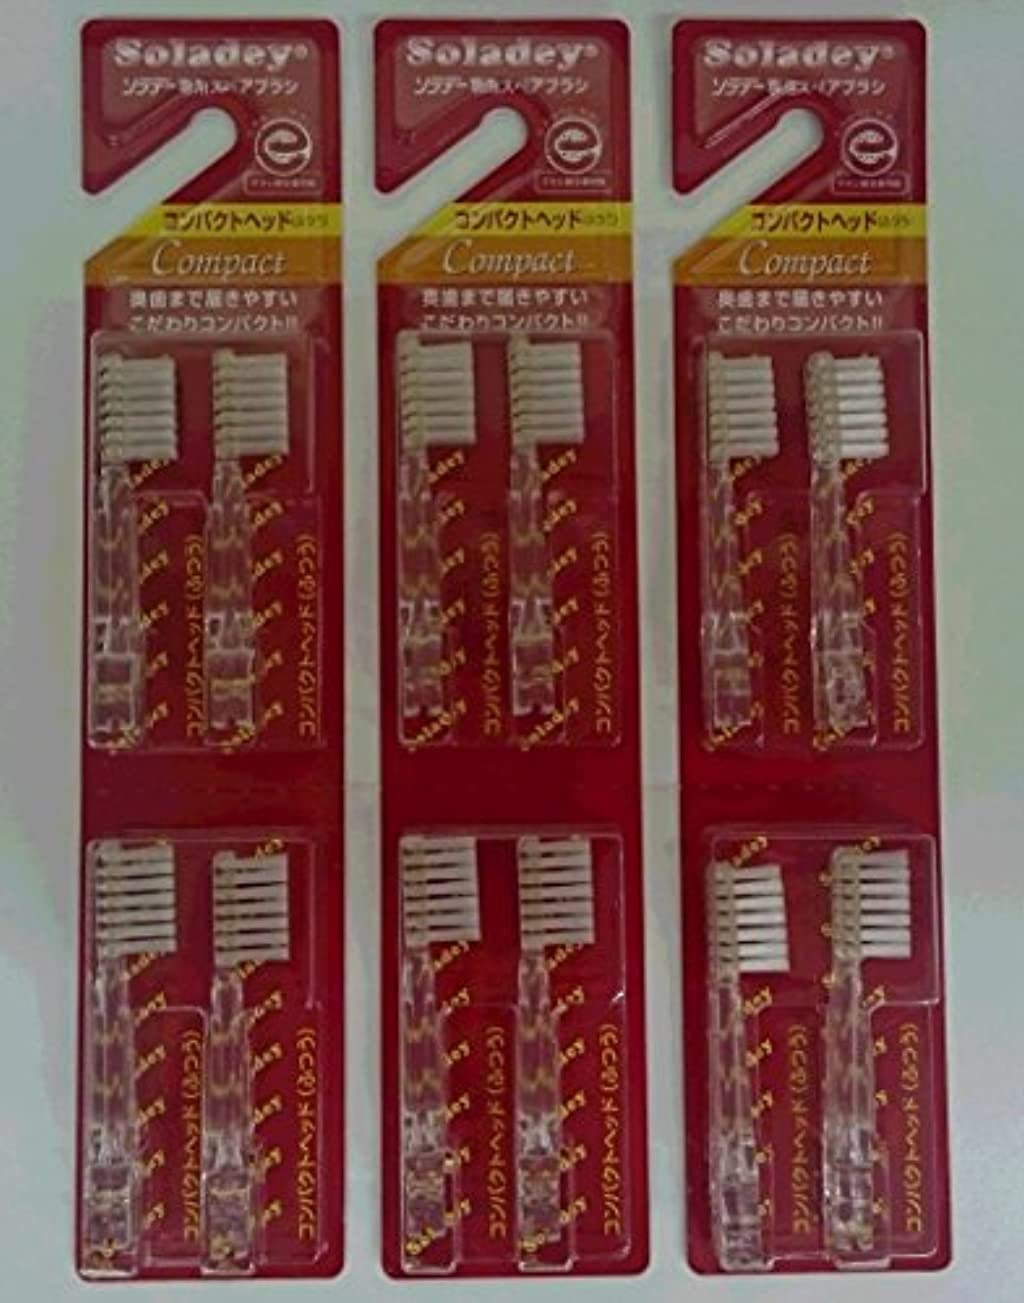 エーカー暗殺者車ソラデー3 スペアブラシ コンパクト 4本入り×3セット(計12本)